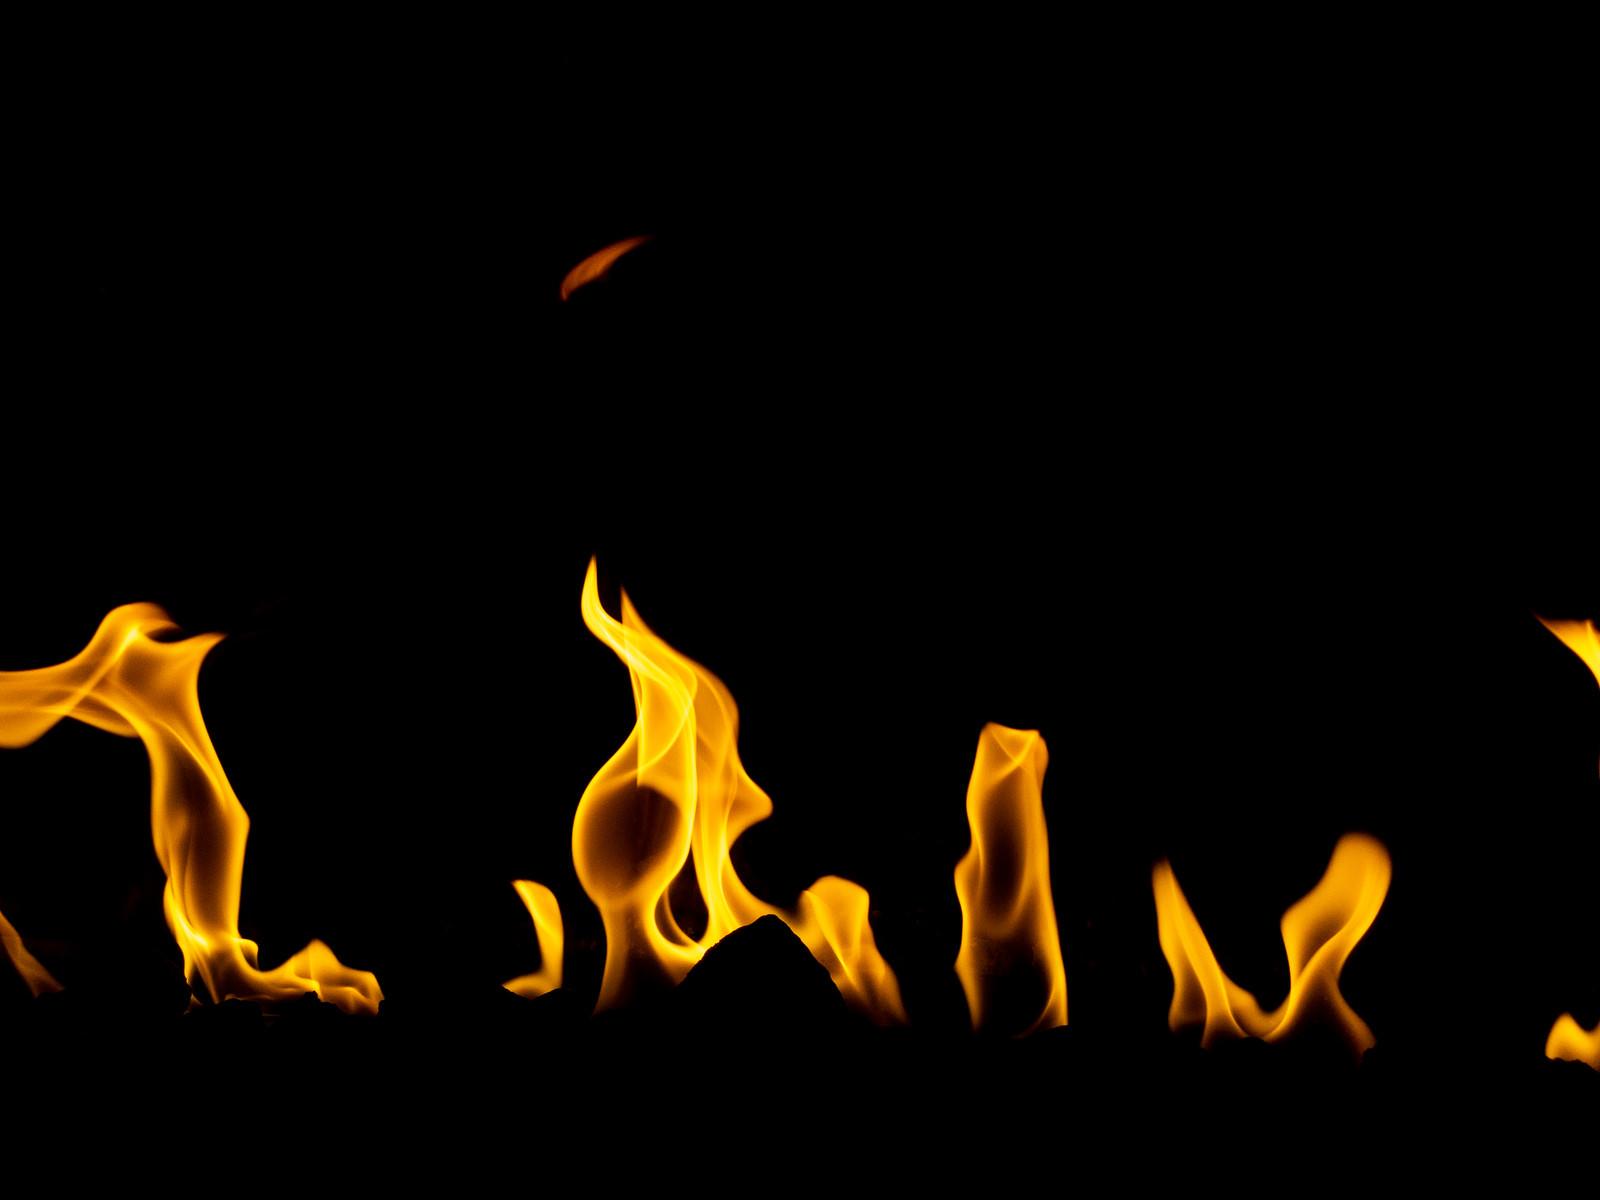 「横に燃え広がる」の写真